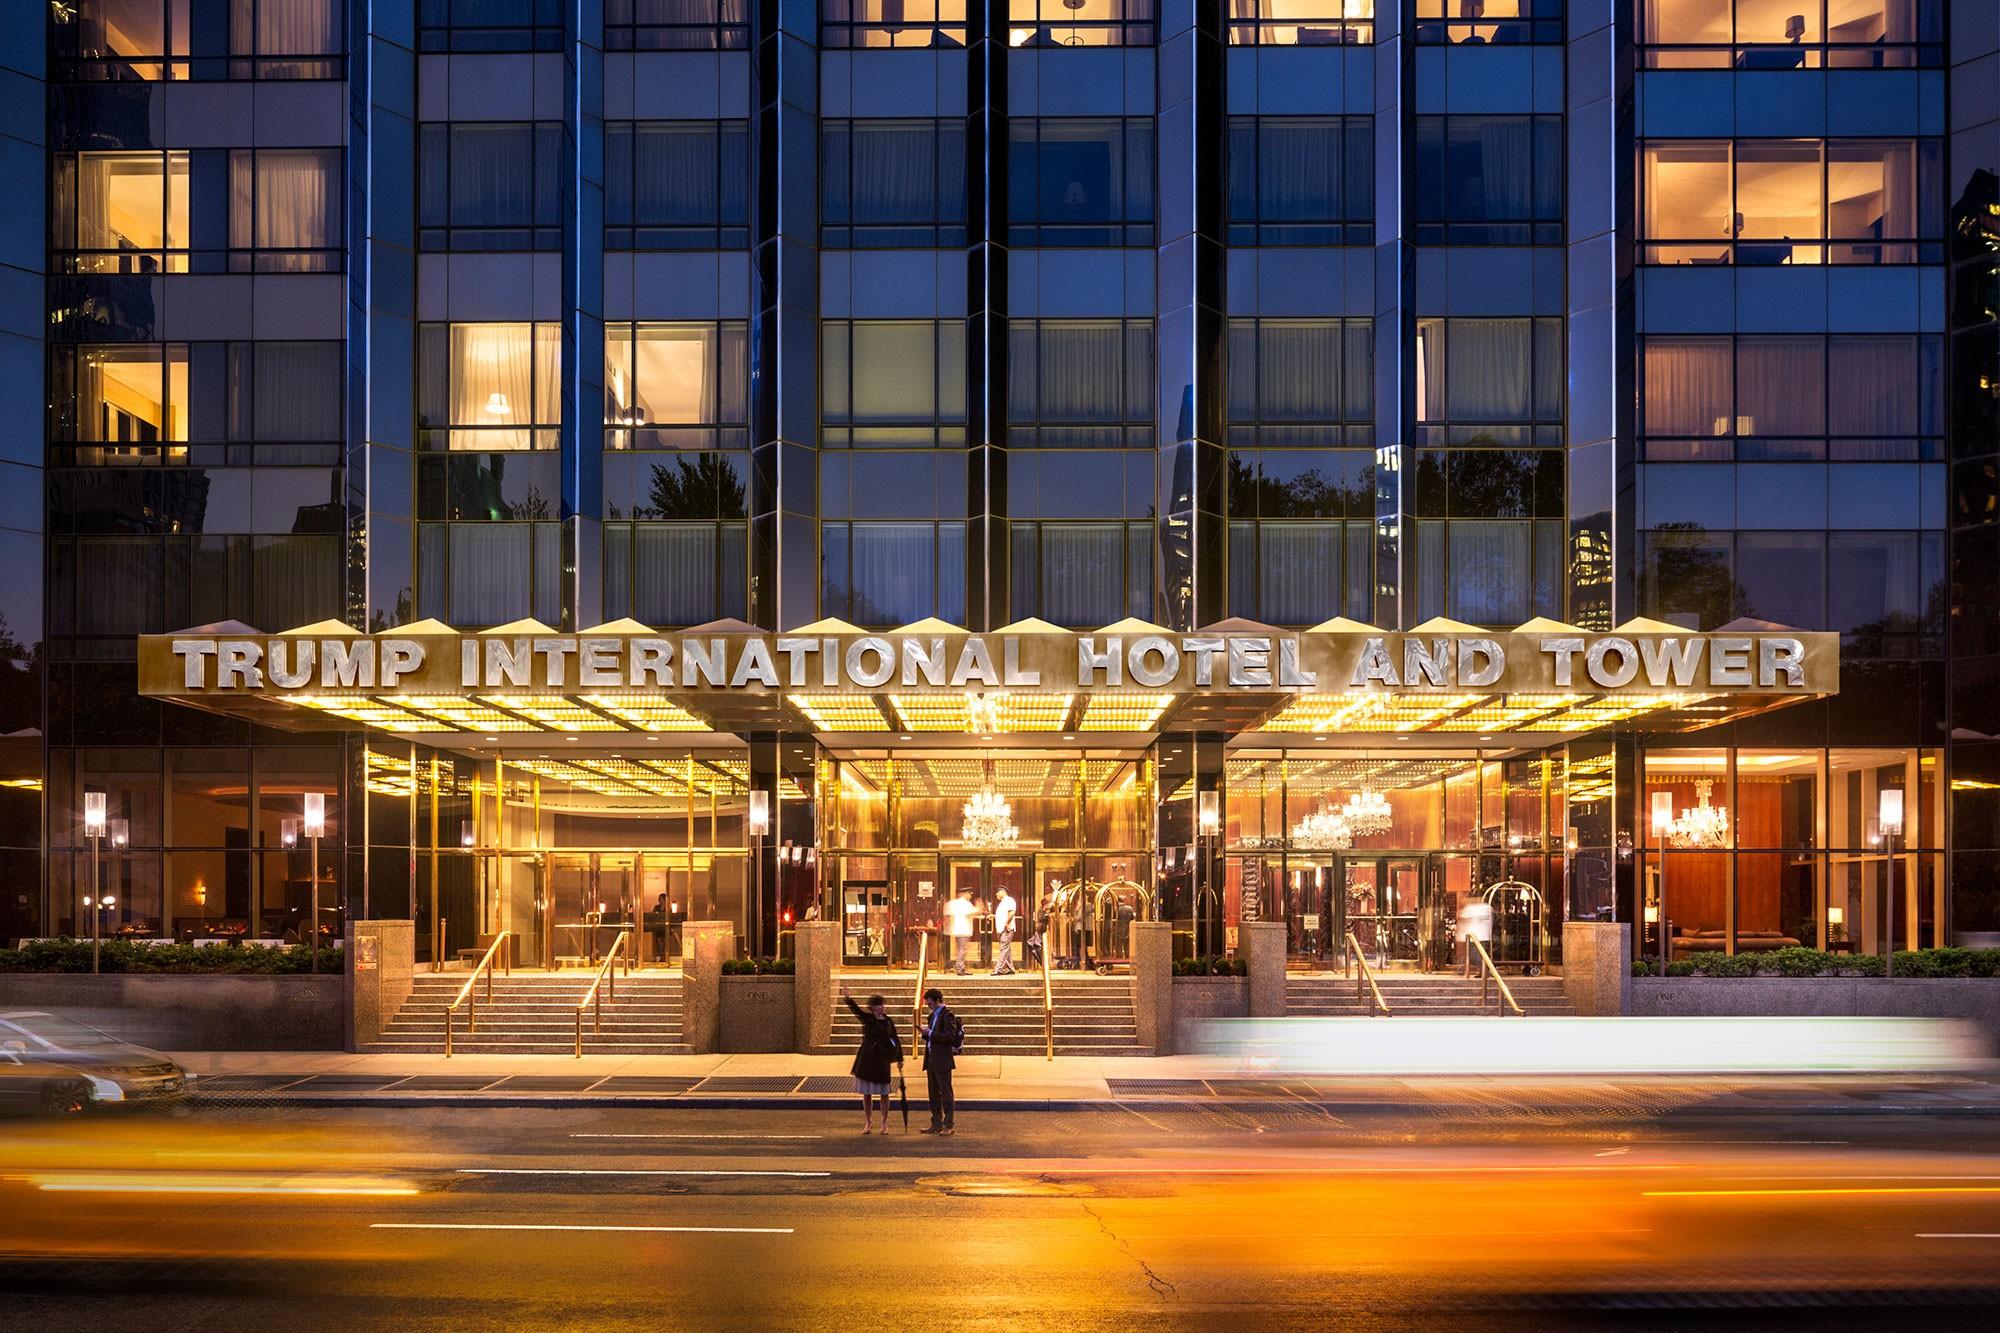 Những khách sạn đẳng cấp của tổng thống Mỹ Donald Trump - Ảnh 1.